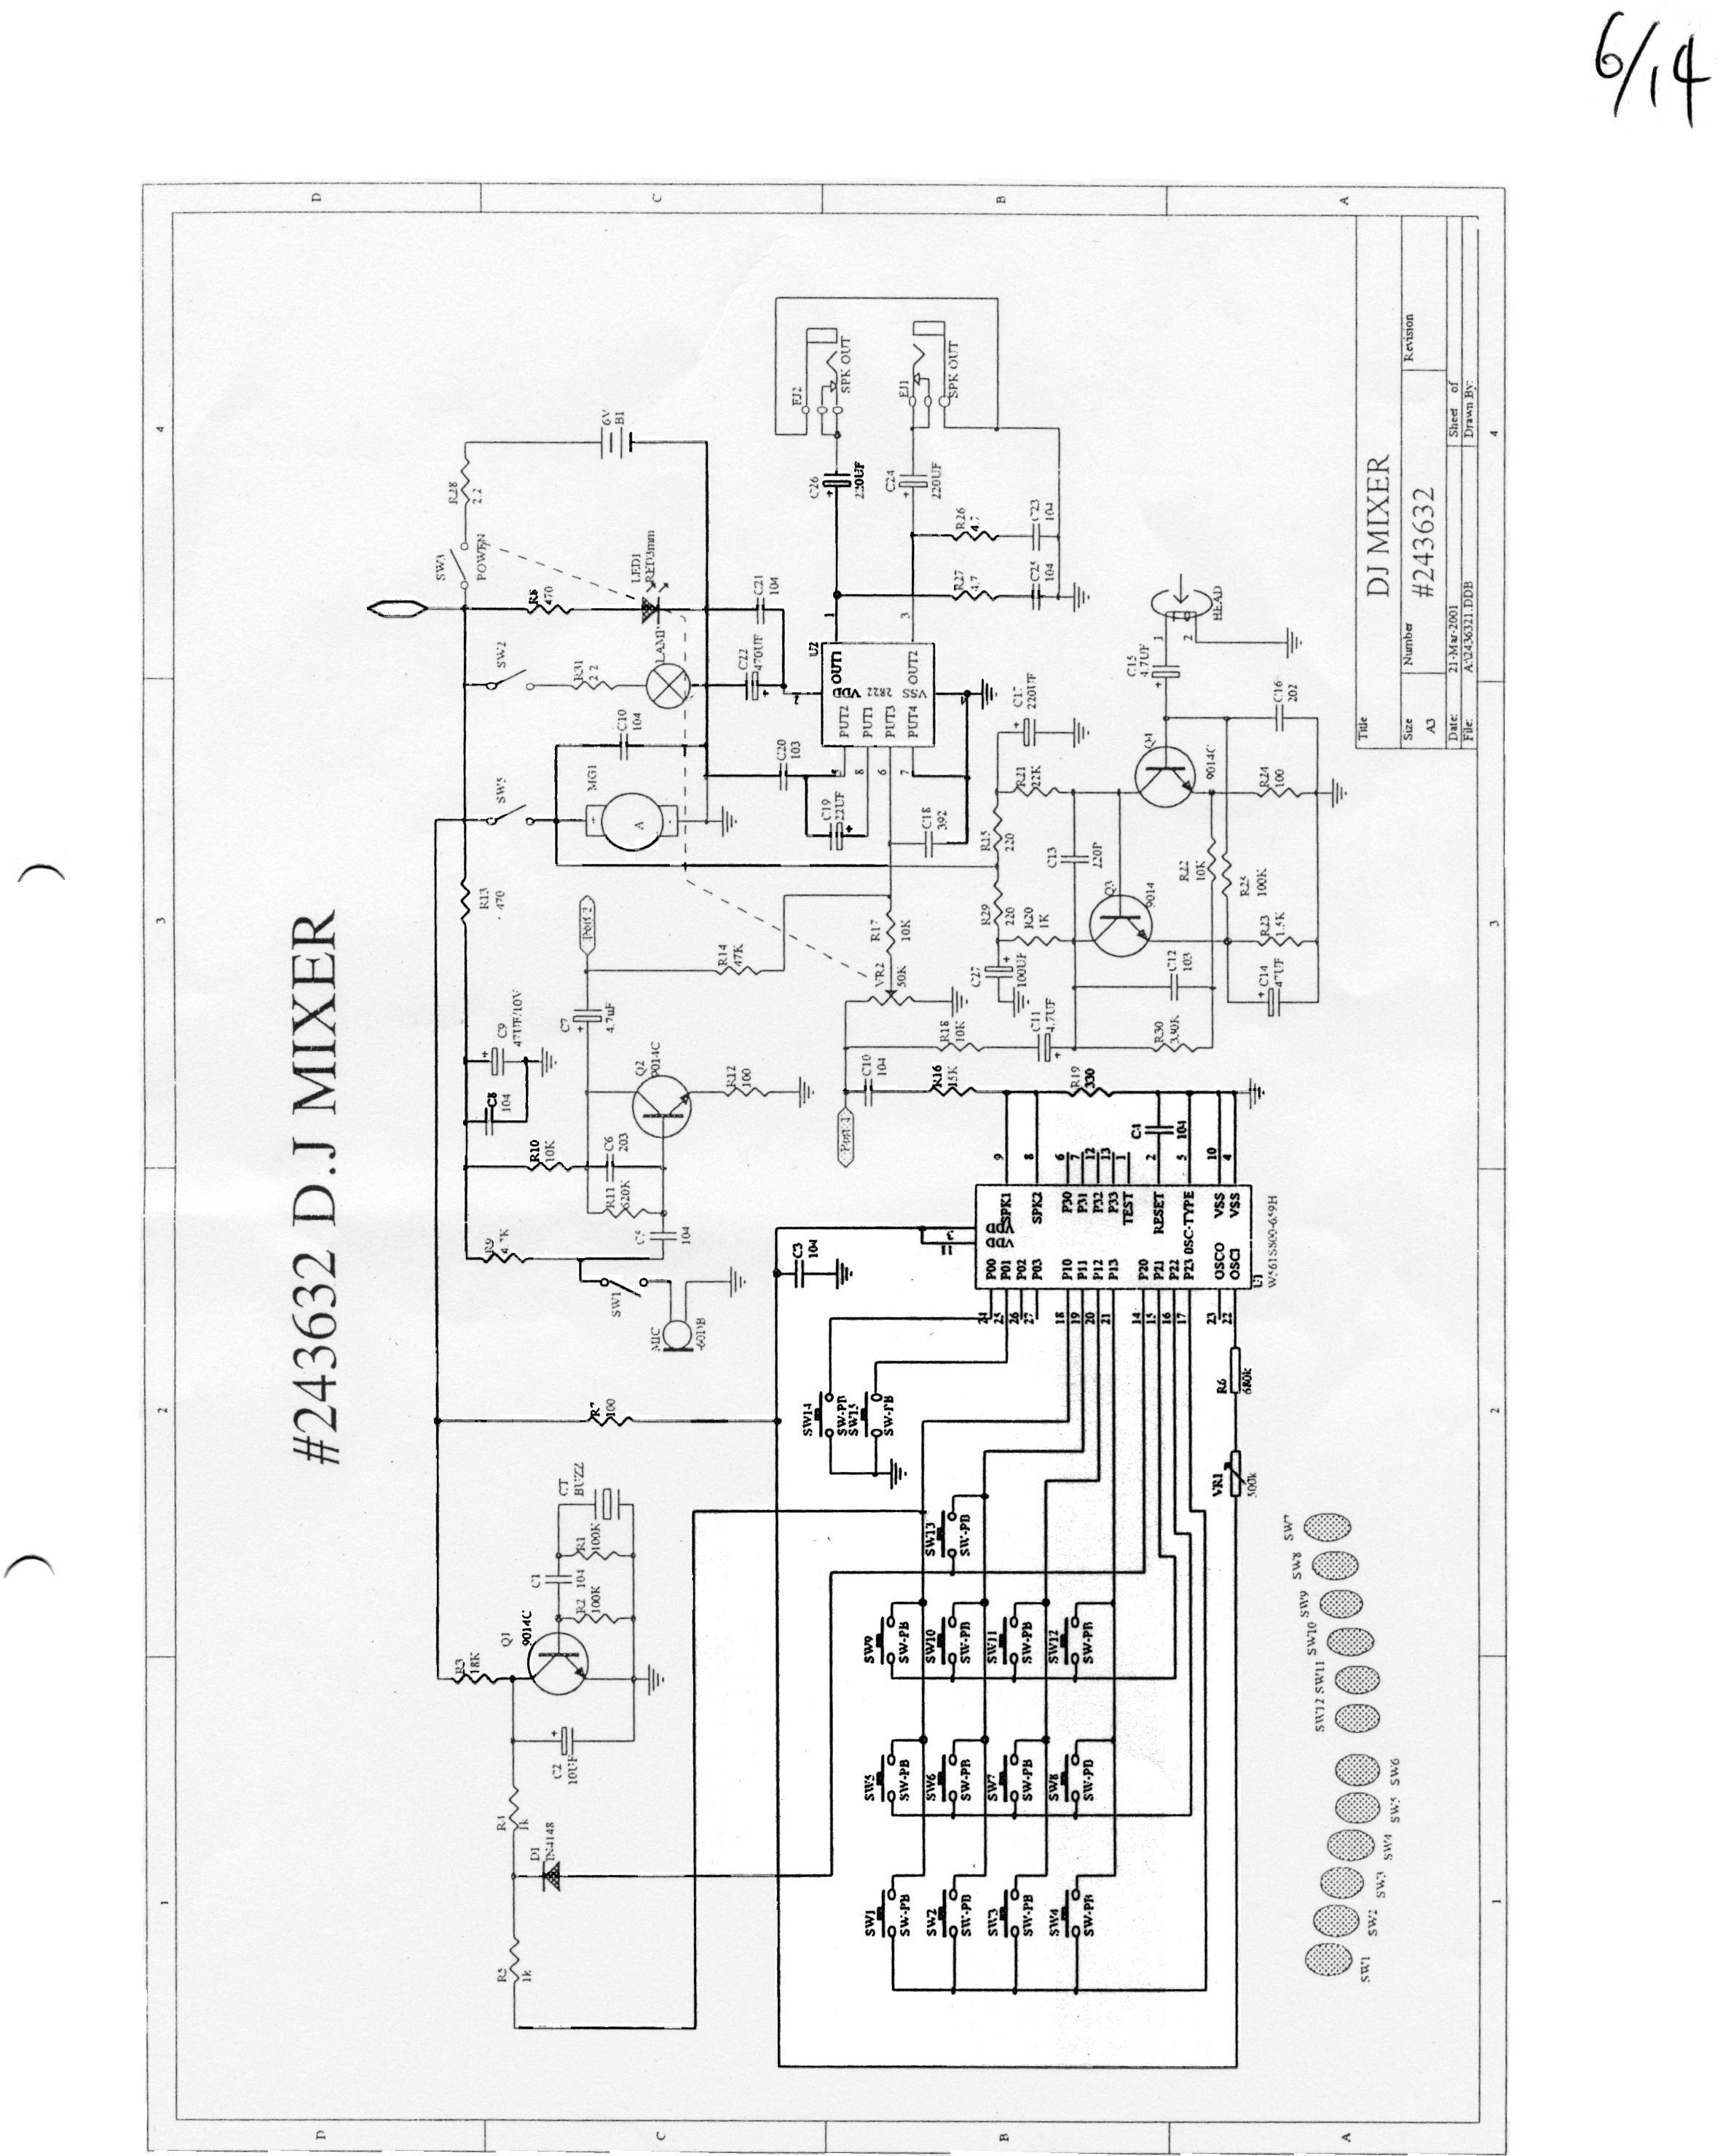 dj wiring diagram wiring library Sony Car Stereo Wiring dj 1000 wiring diagram trusted wiring diagrams u2022 wiring diagram symbols dj wiring diagram